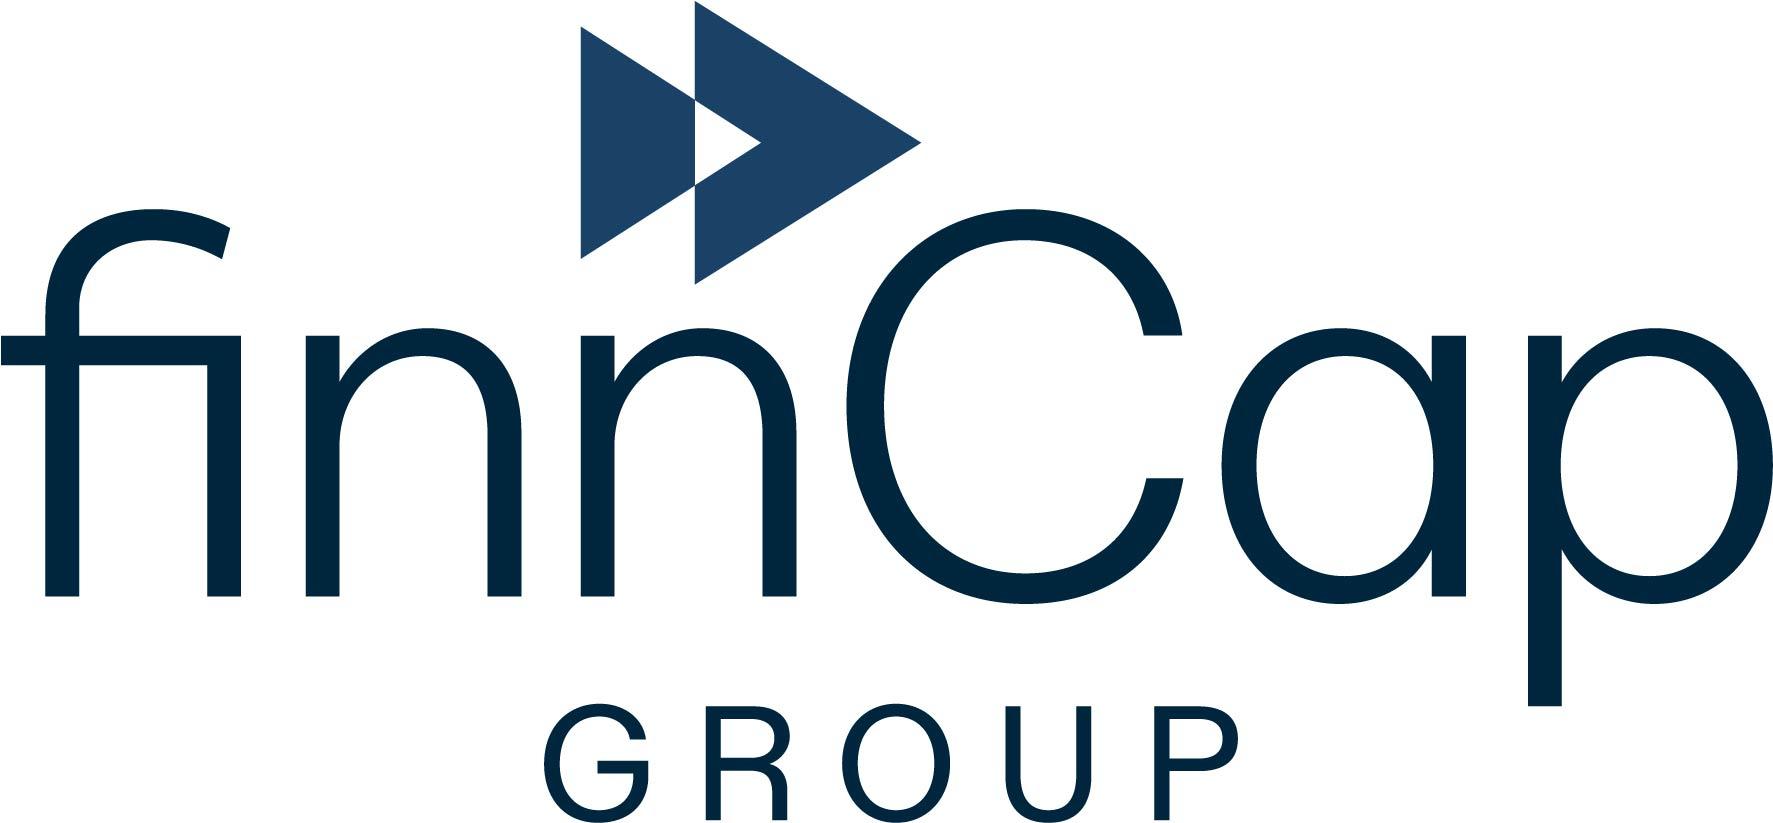 finnCap Group Logo.jpg